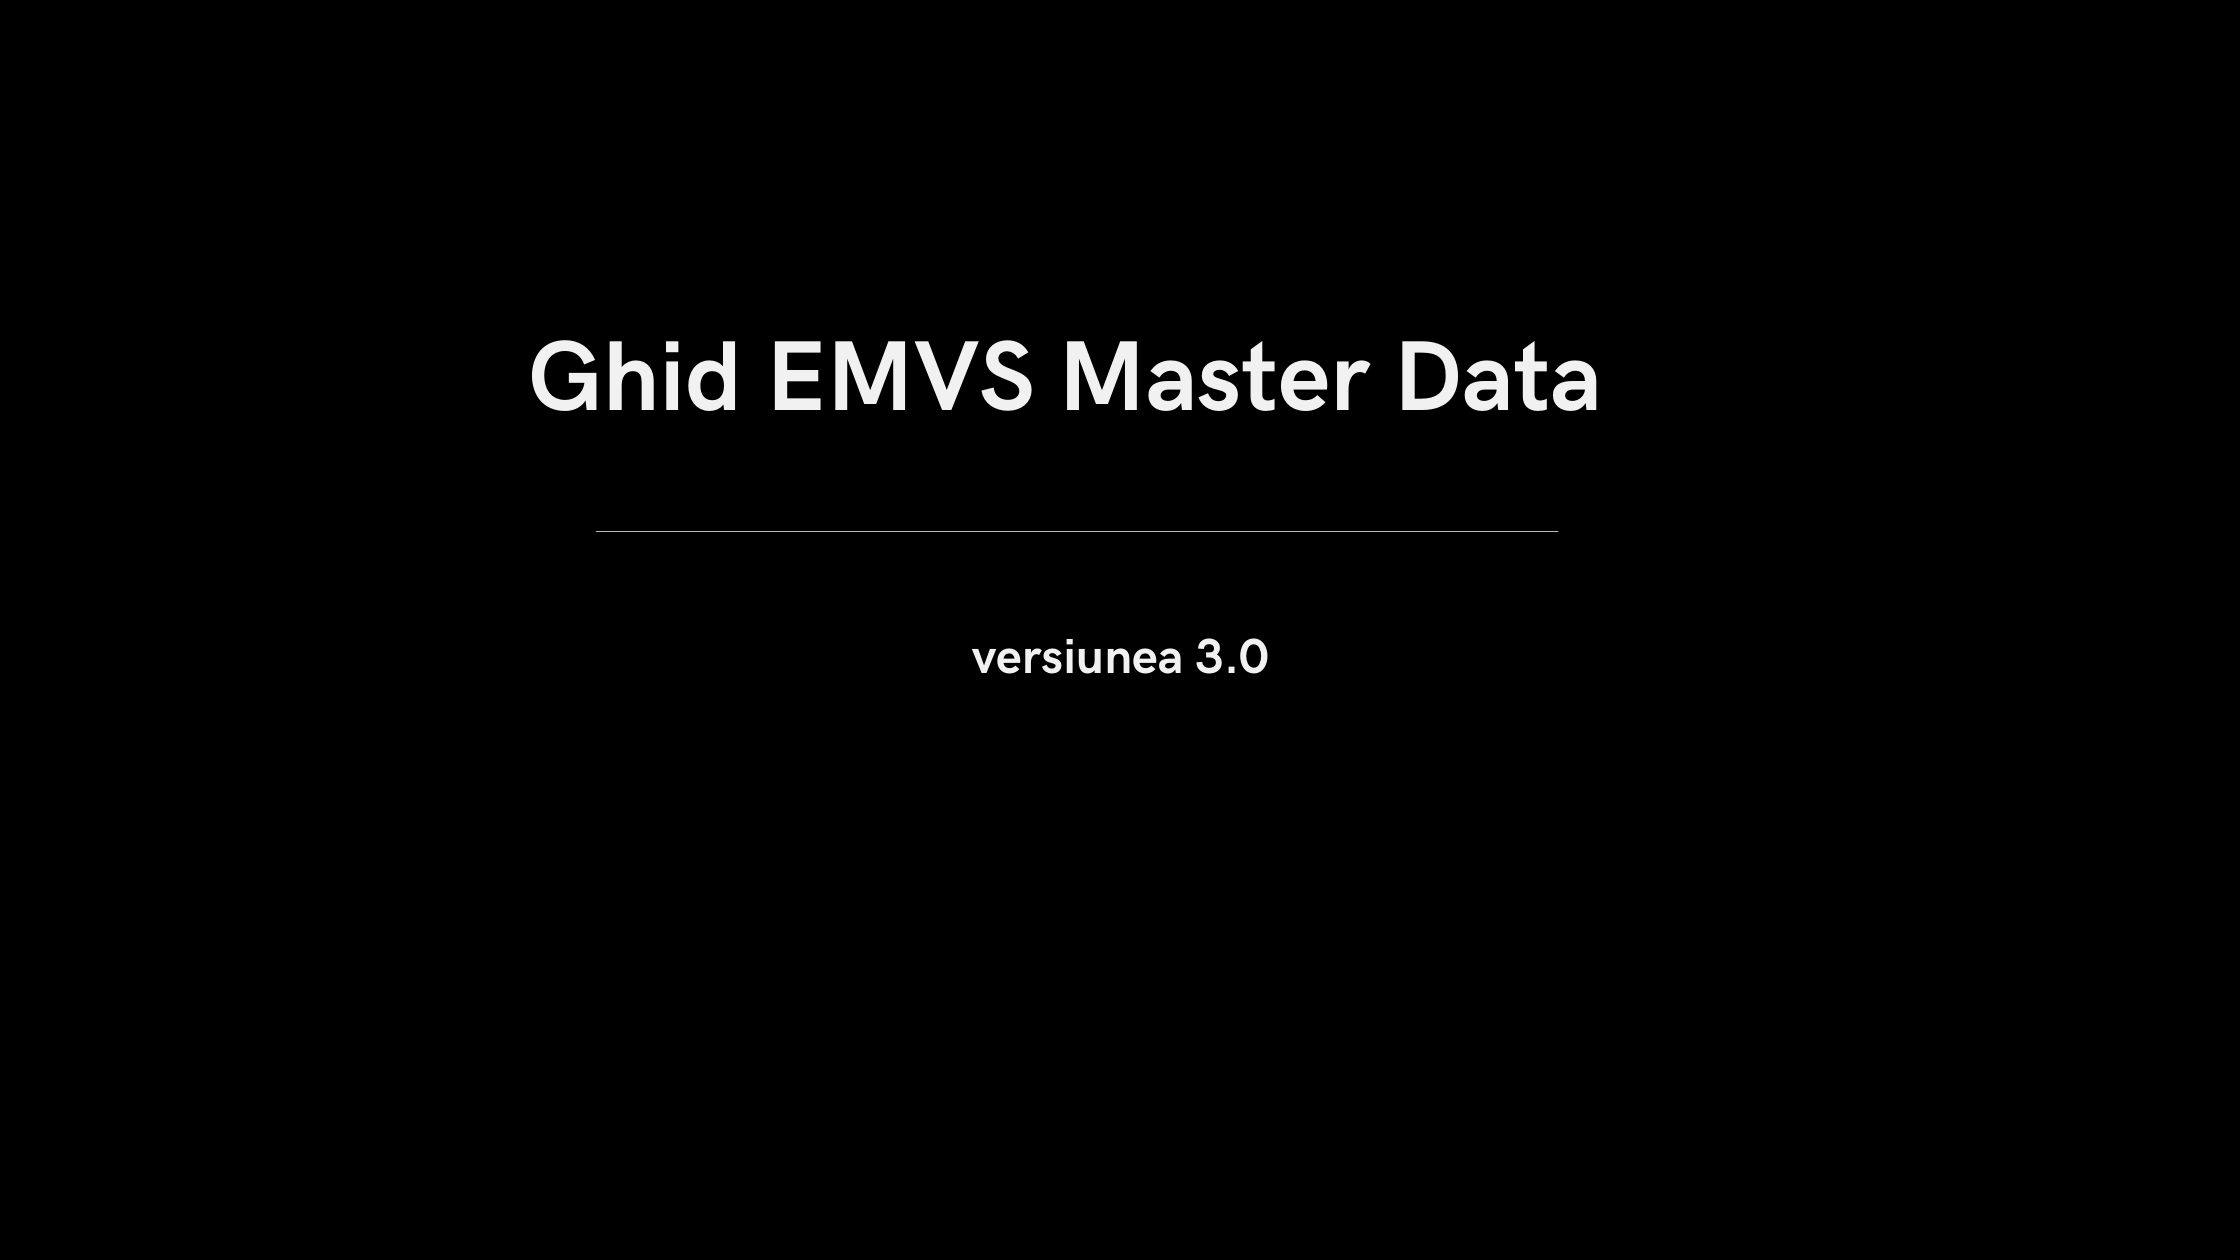 Ghid EMVS Master Data